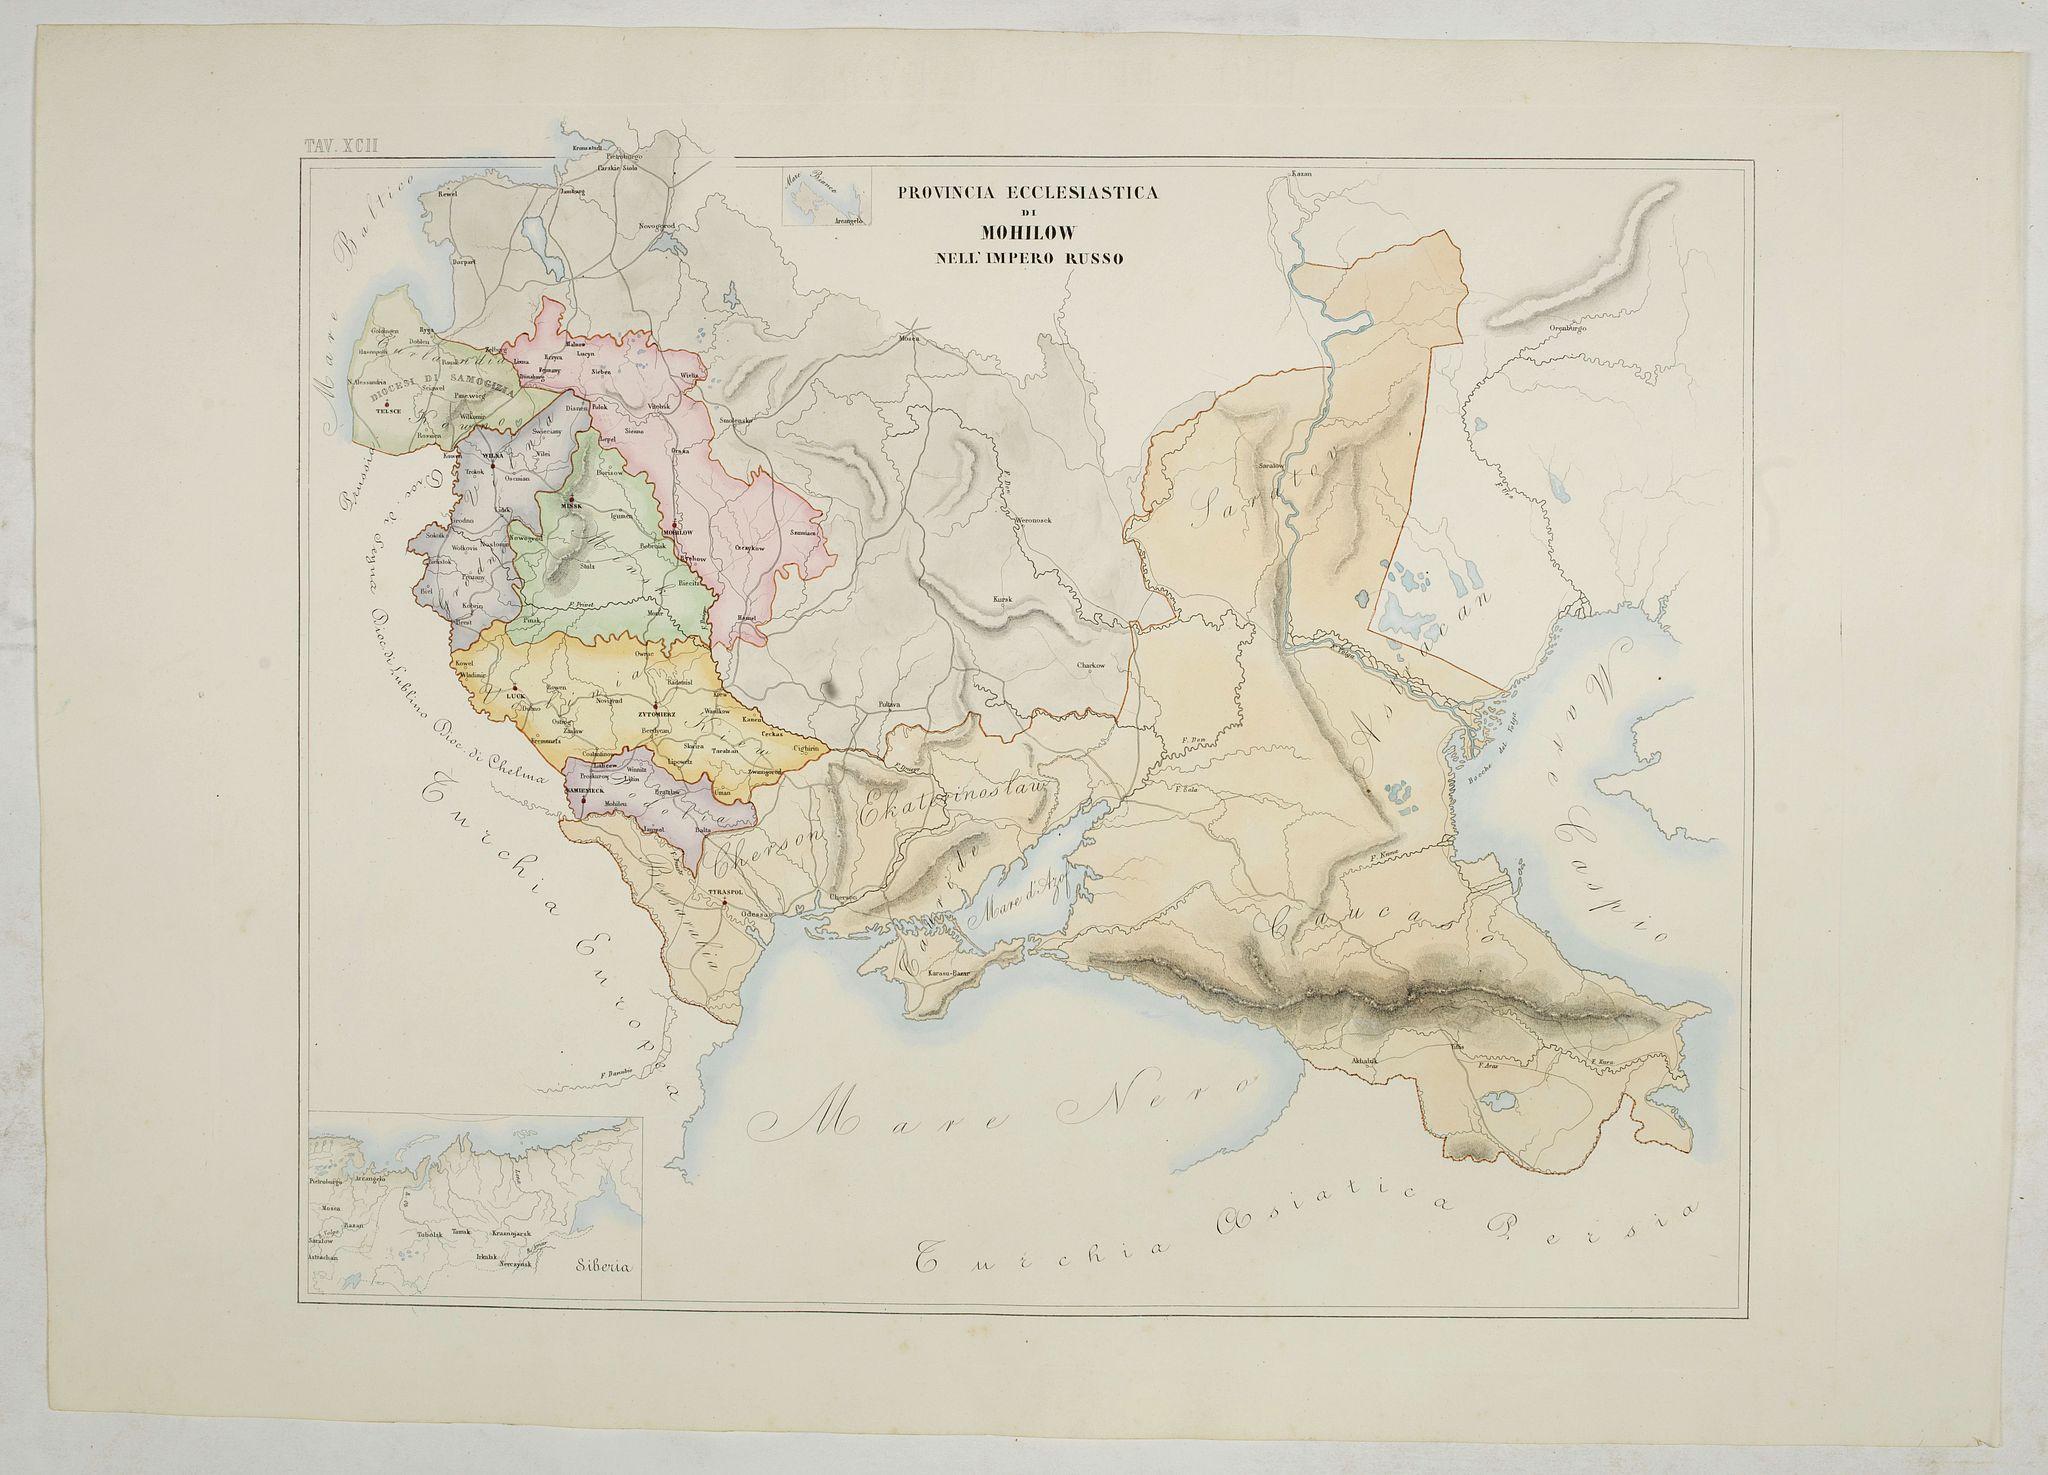 PETRI  Girolamo -  Provincia ecclesiastica di Mohilow nell' Impero Russo (Tav XCII)